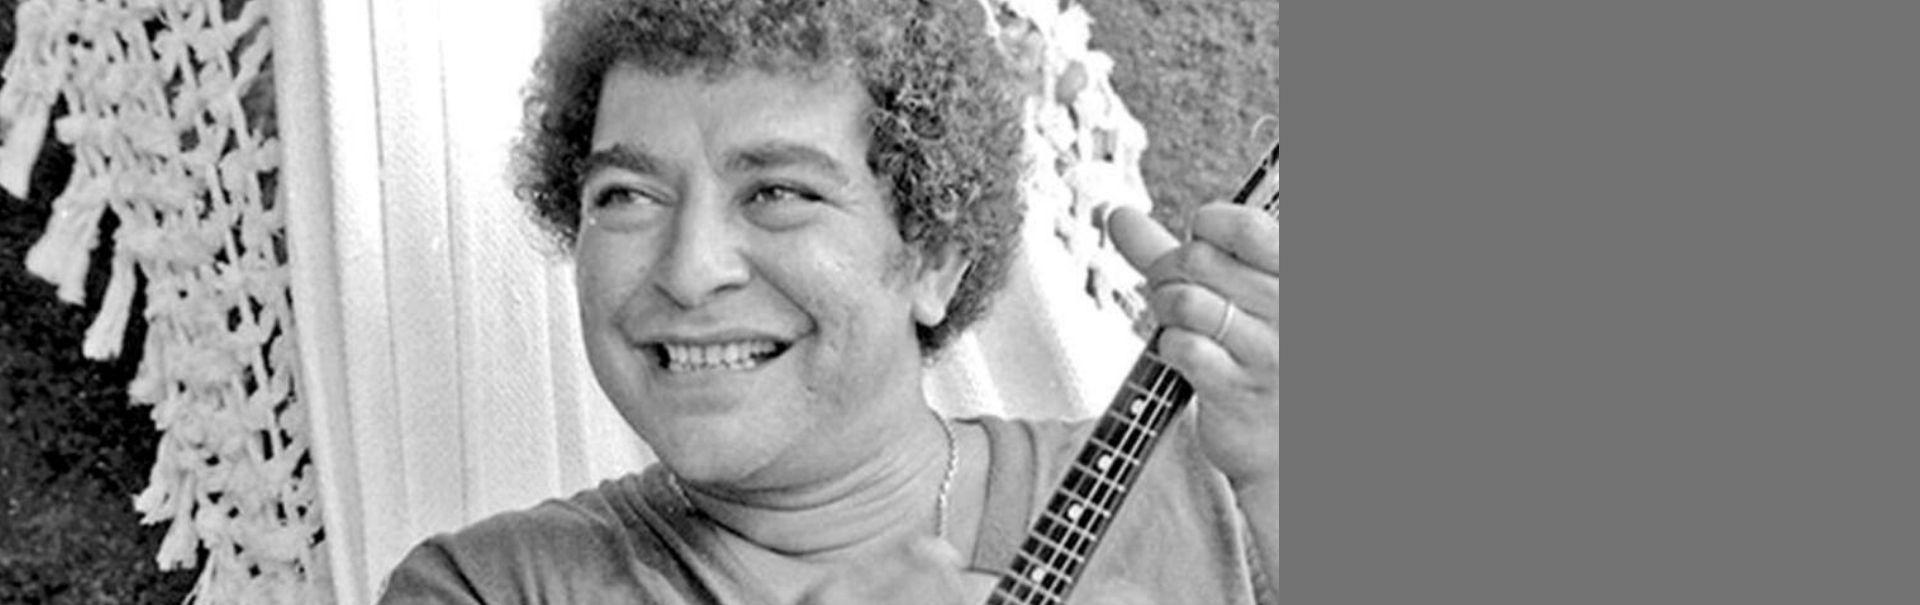 20 anos sem João Nogueira